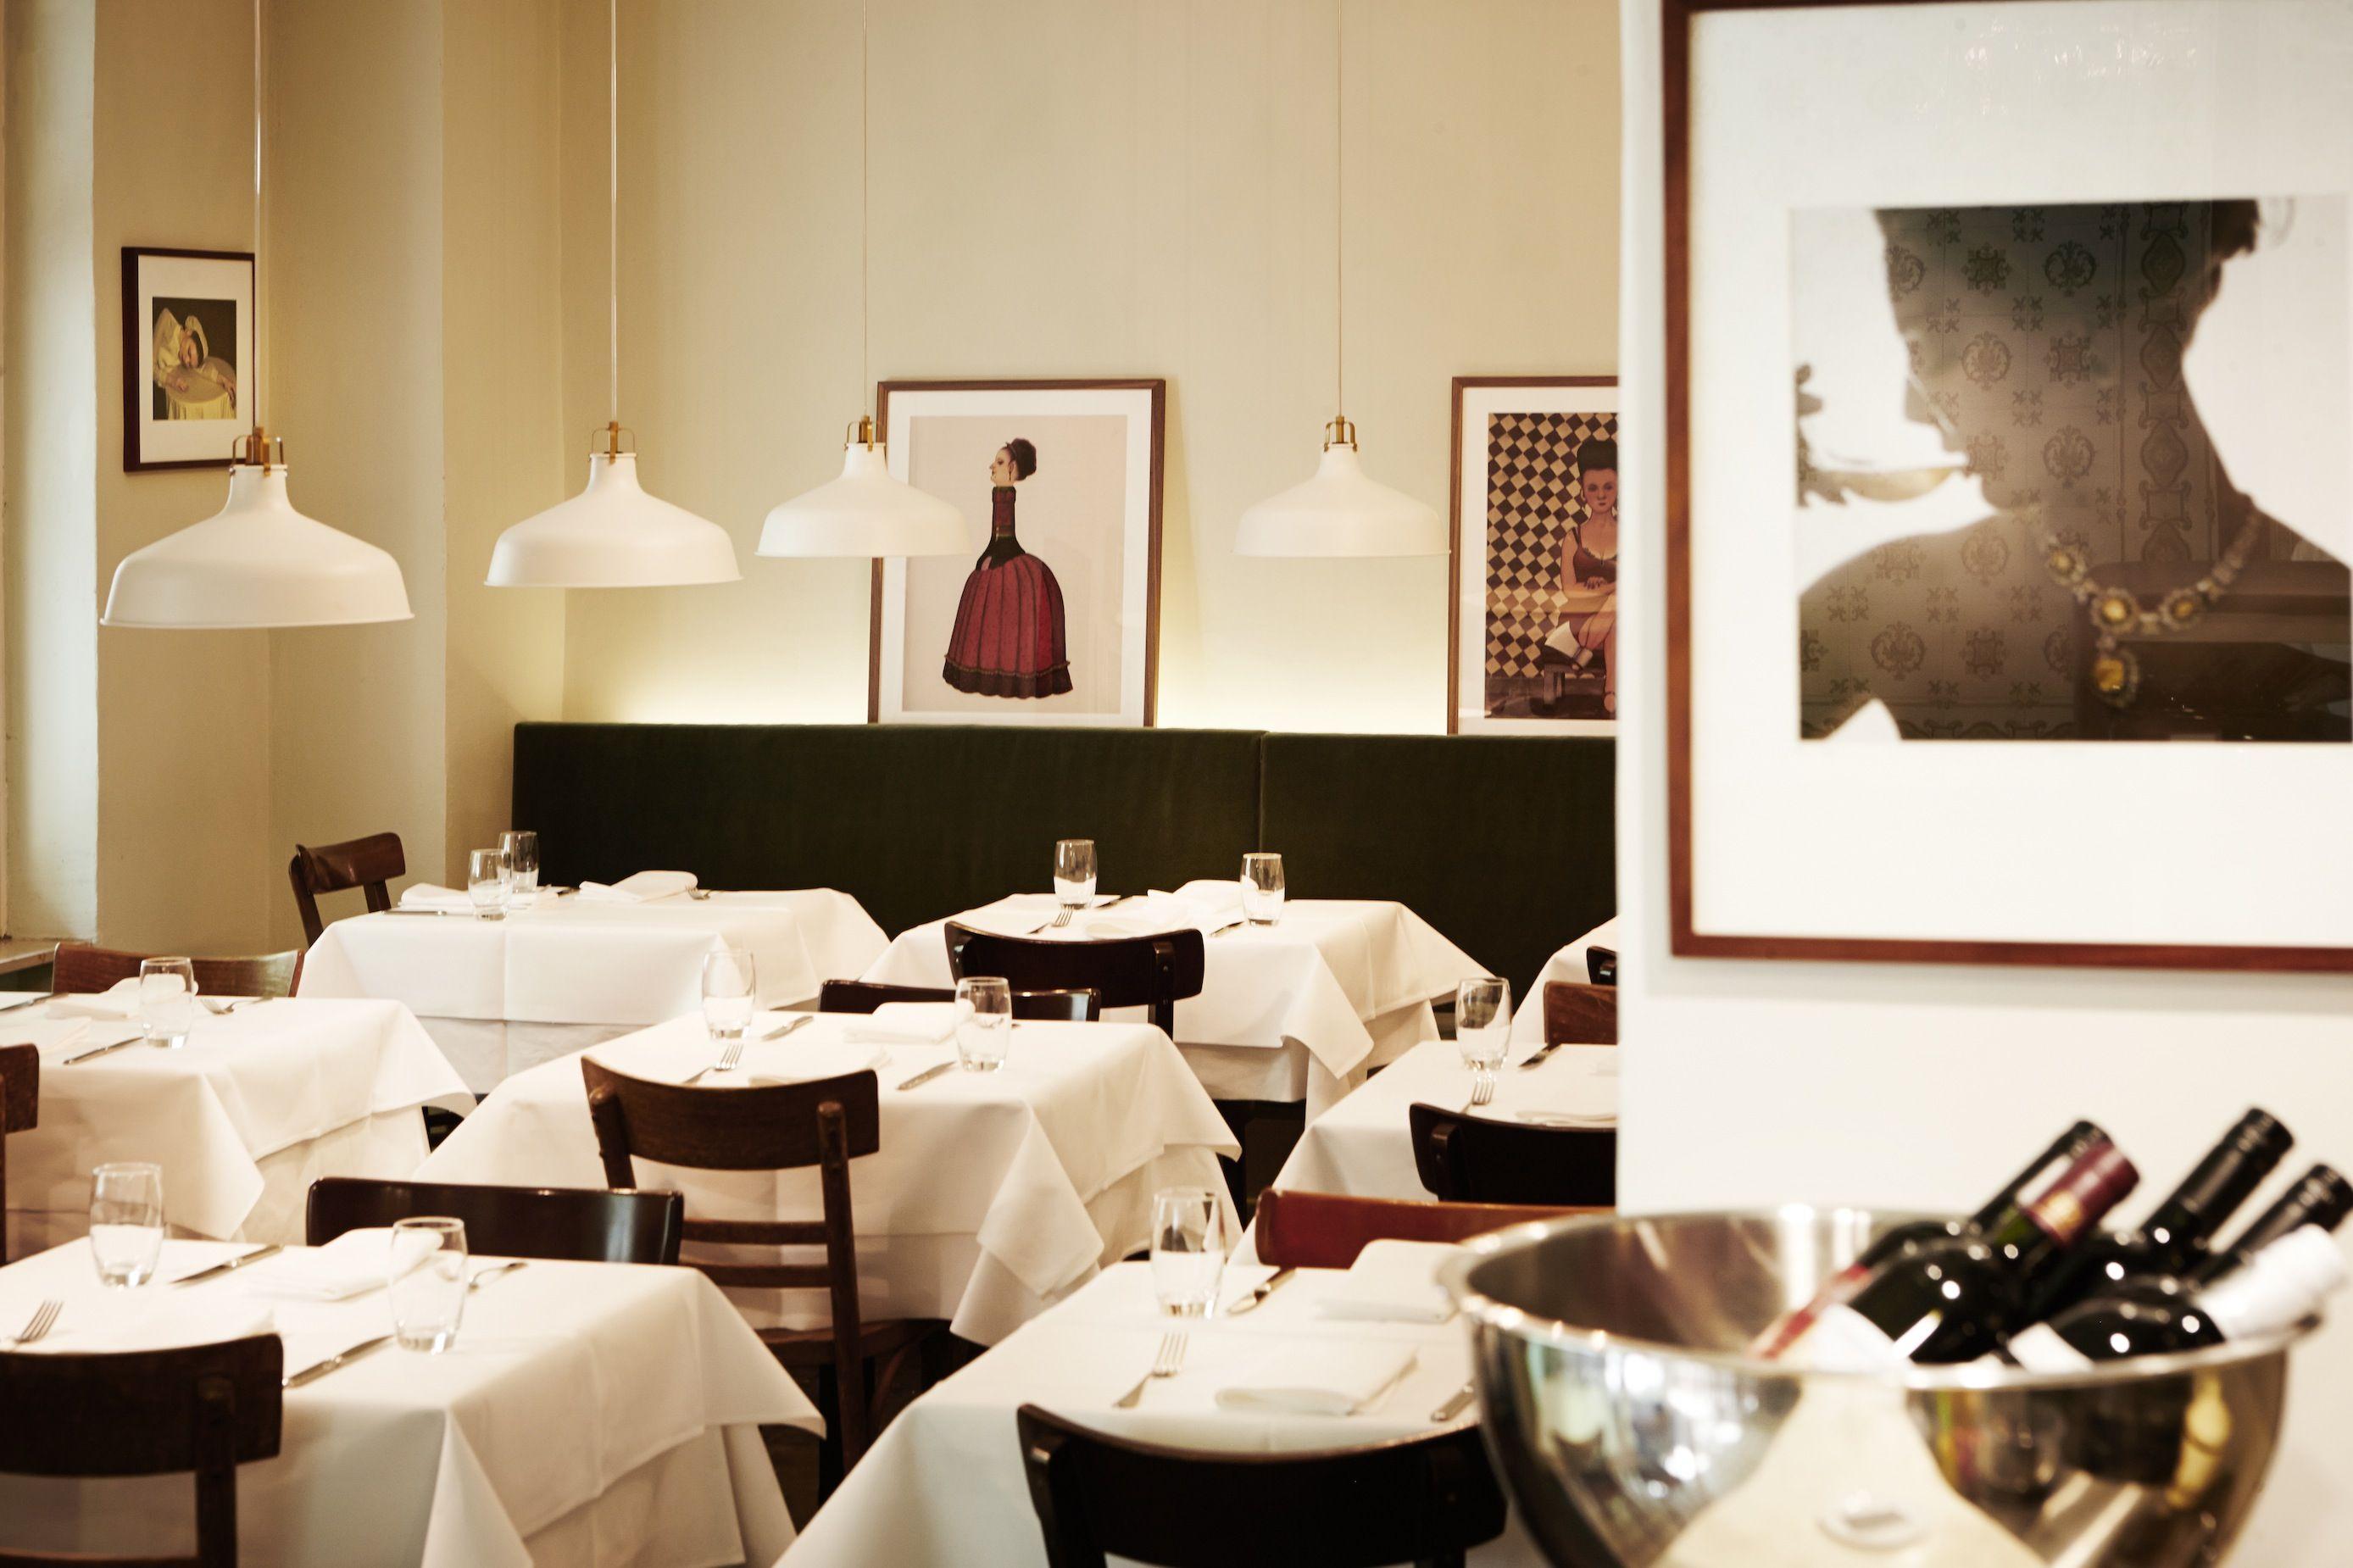 Restaurant Schatz, Hufelandstr. 31  Leckeres Essen, tolle Atmosphäre, guter Wein, teuer (Fashion Week Berlin mit Desi und Mama)